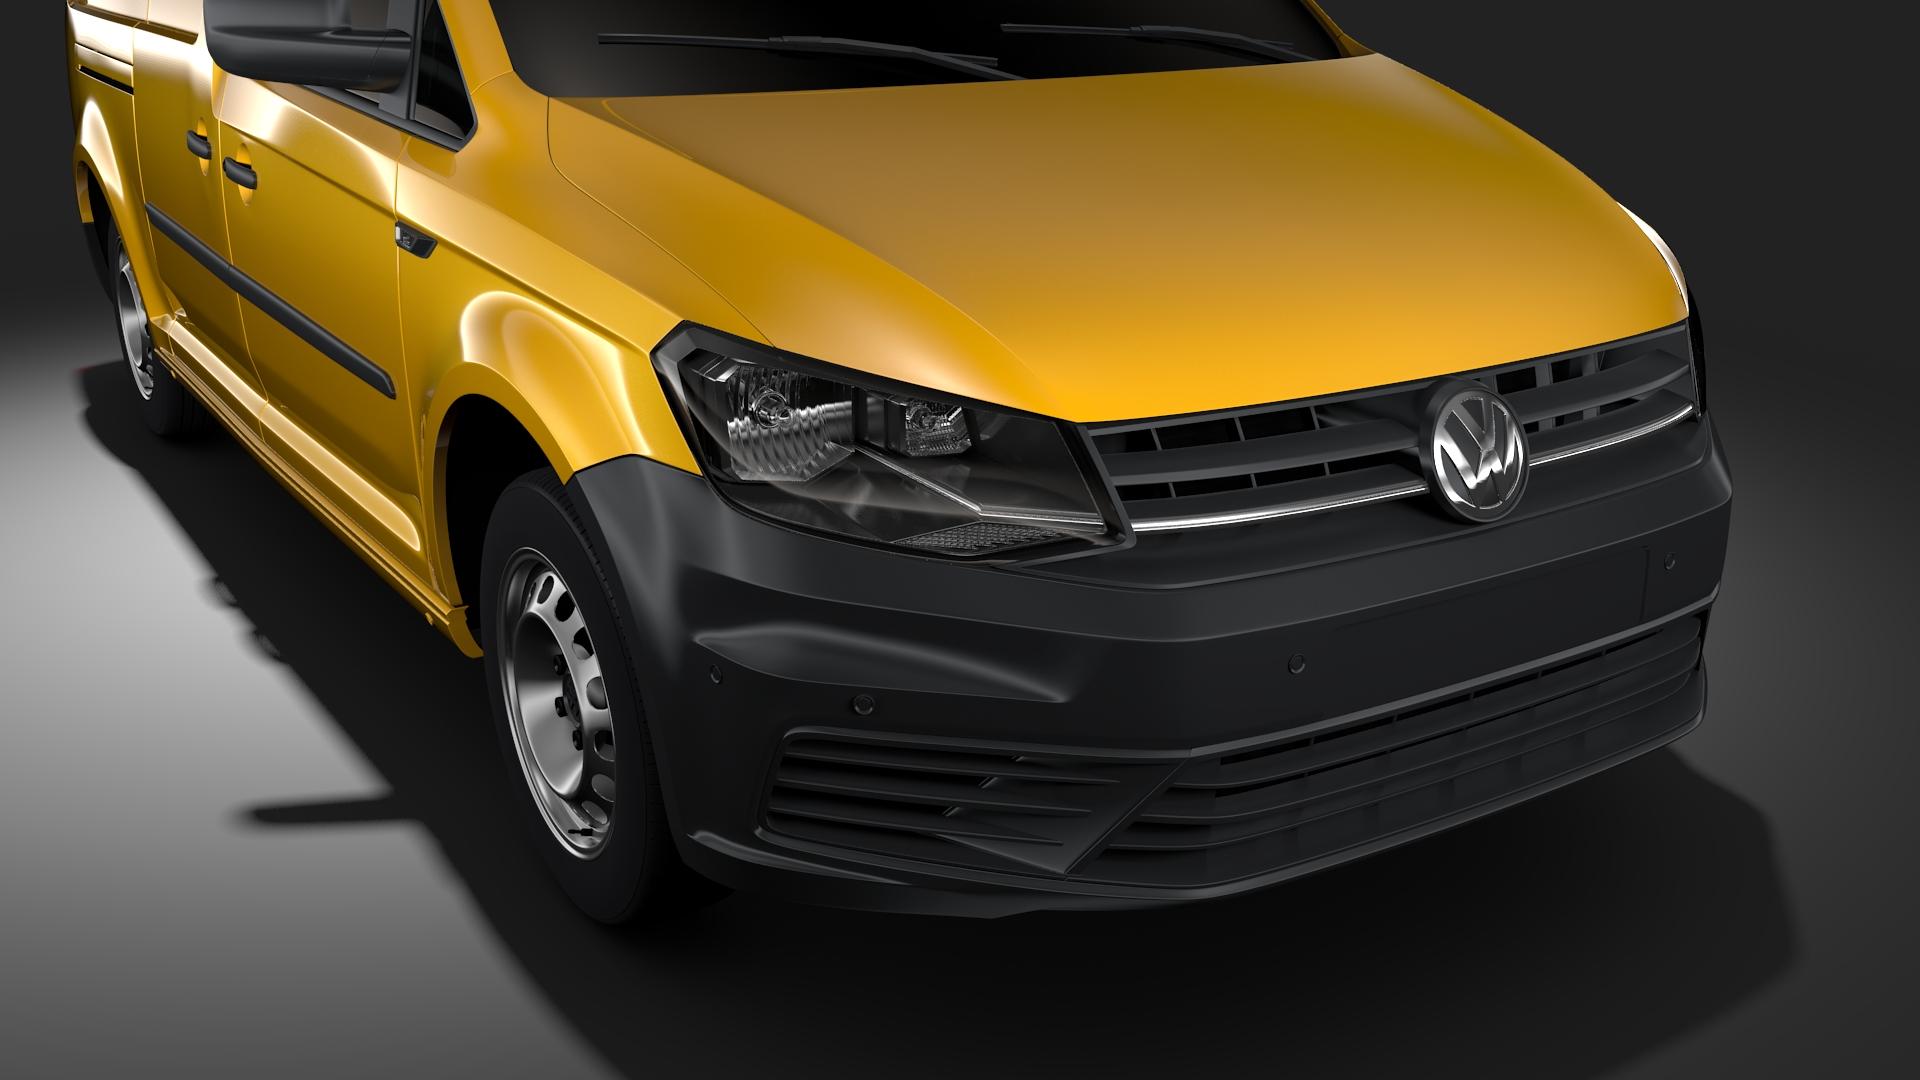 volkswagen caddy panel van l2 2017 3d model max fbx c4d lwo ma mb hrc xsi obj 274603